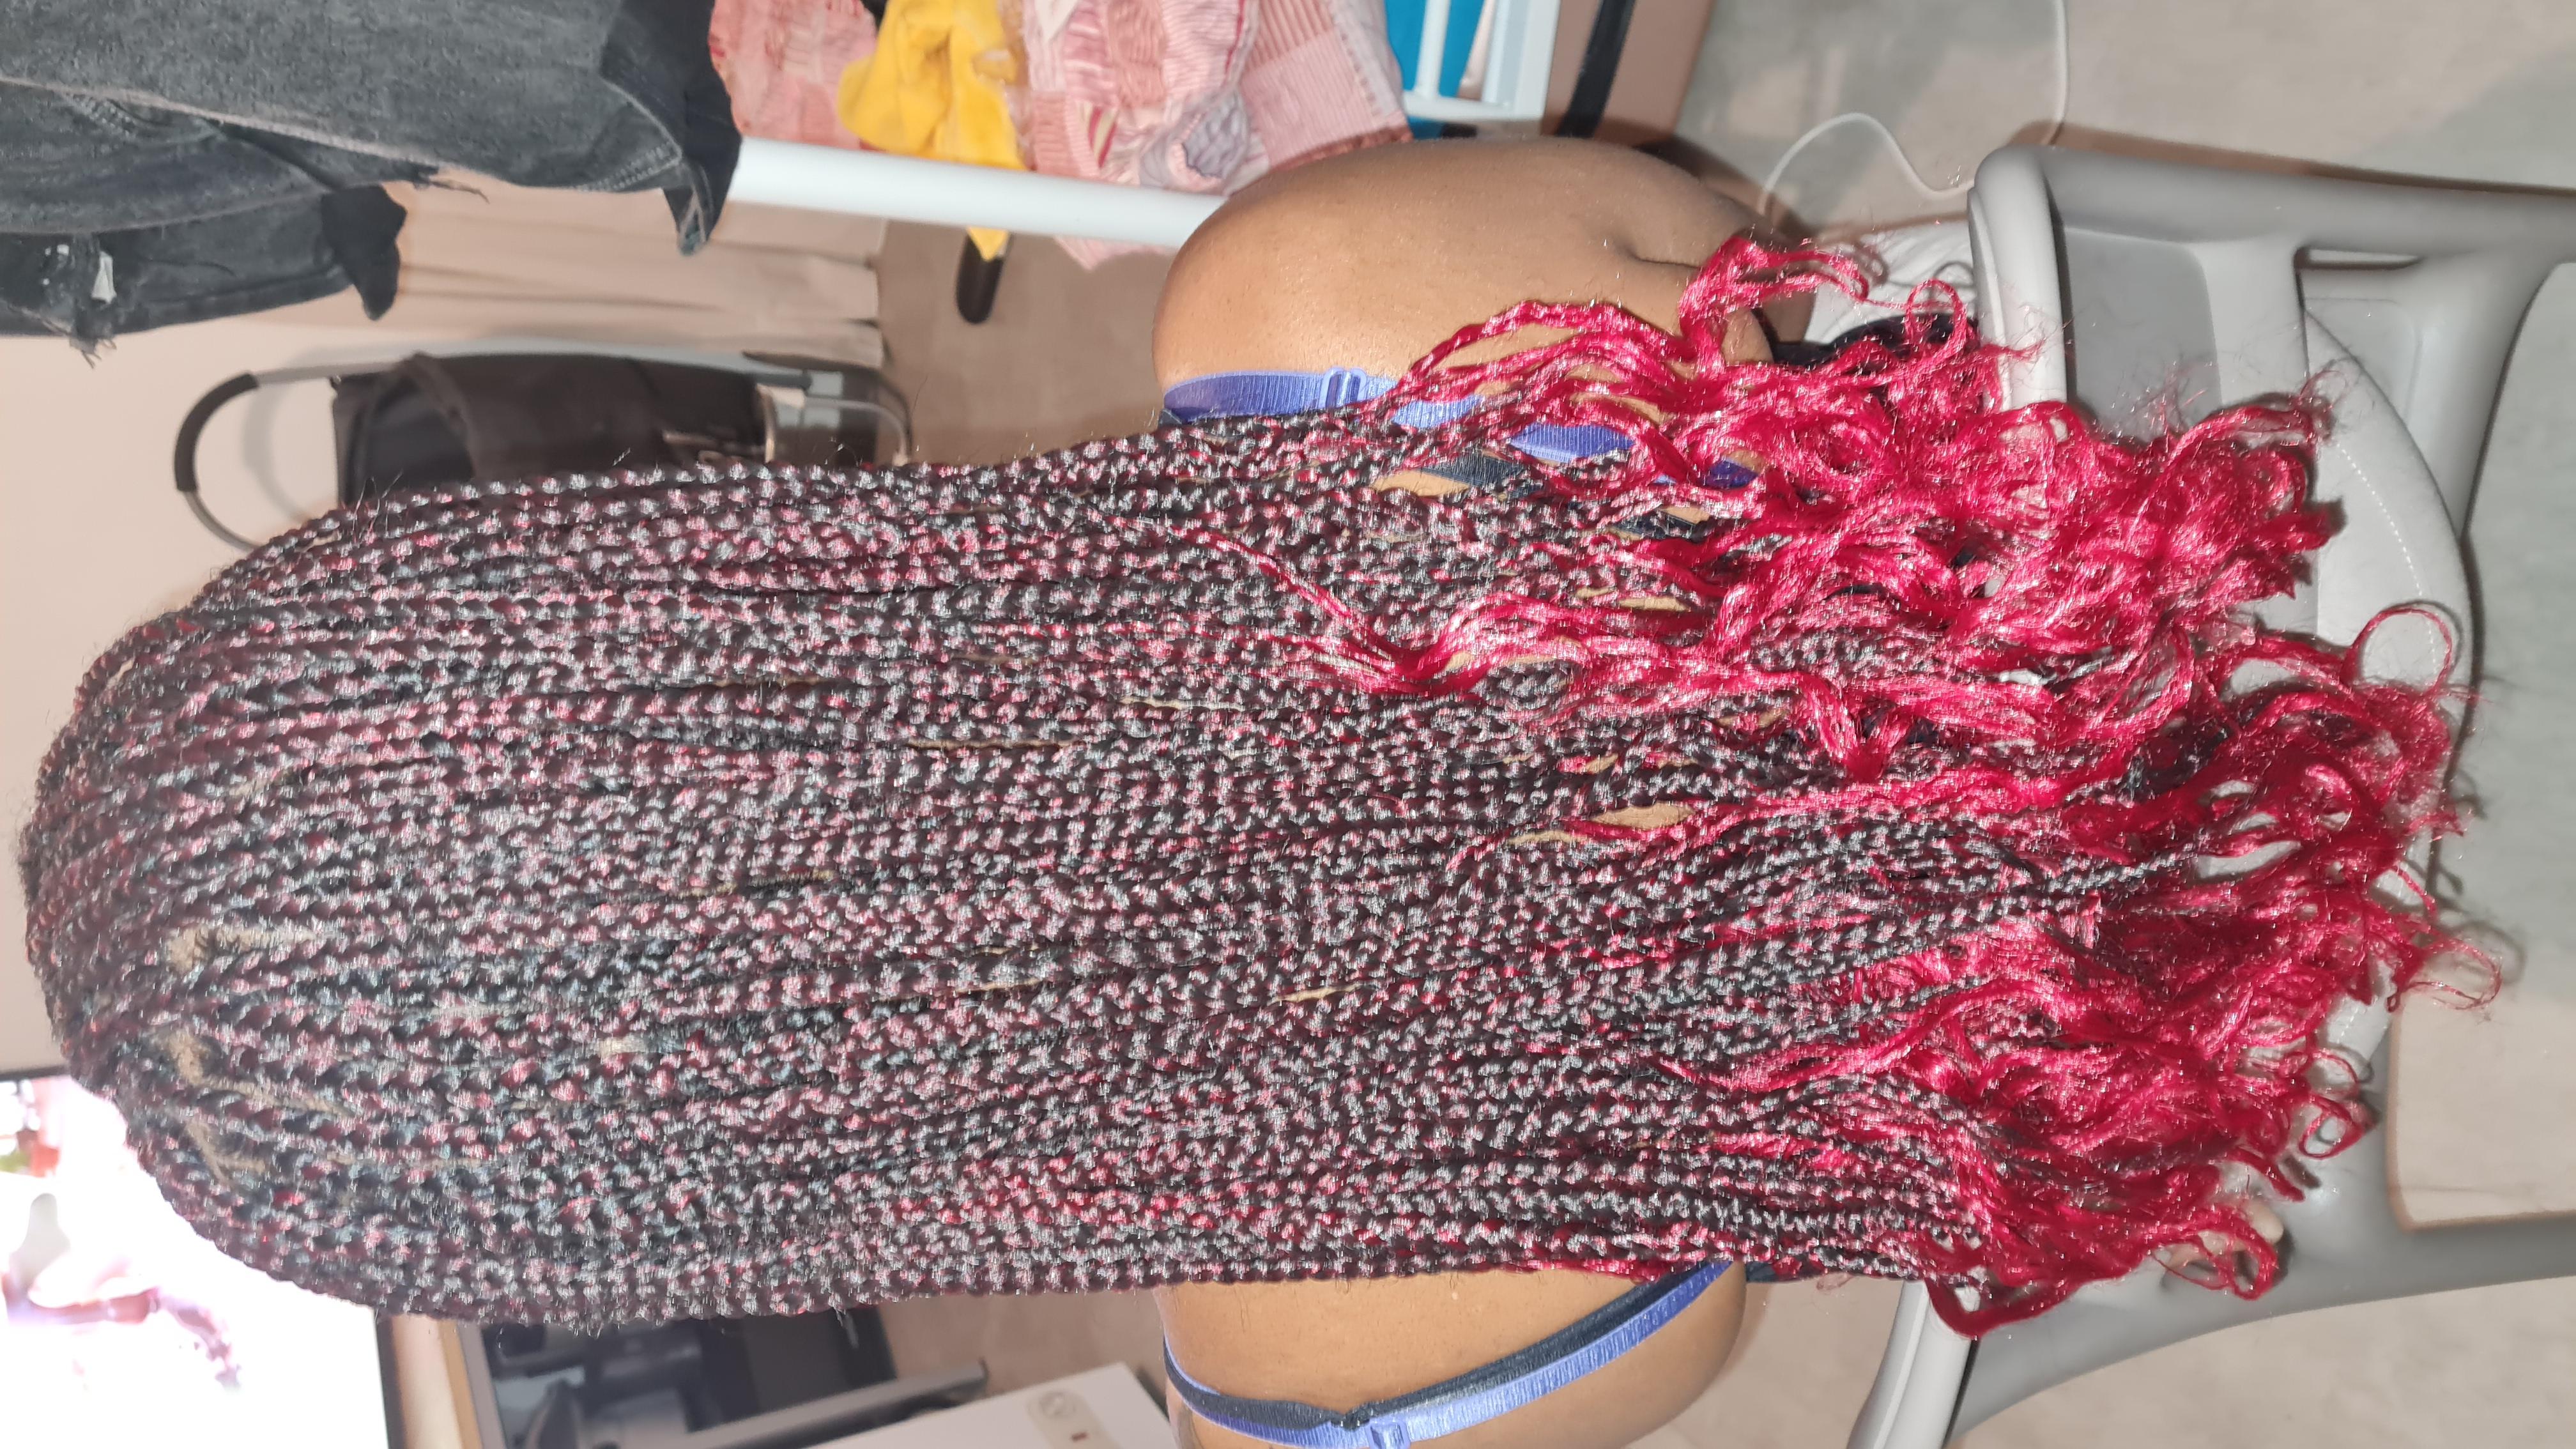 salon de coiffure afro tresse tresses box braids crochet braids vanilles tissages paris 75 77 78 91 92 93 94 95 WJCOAGUR